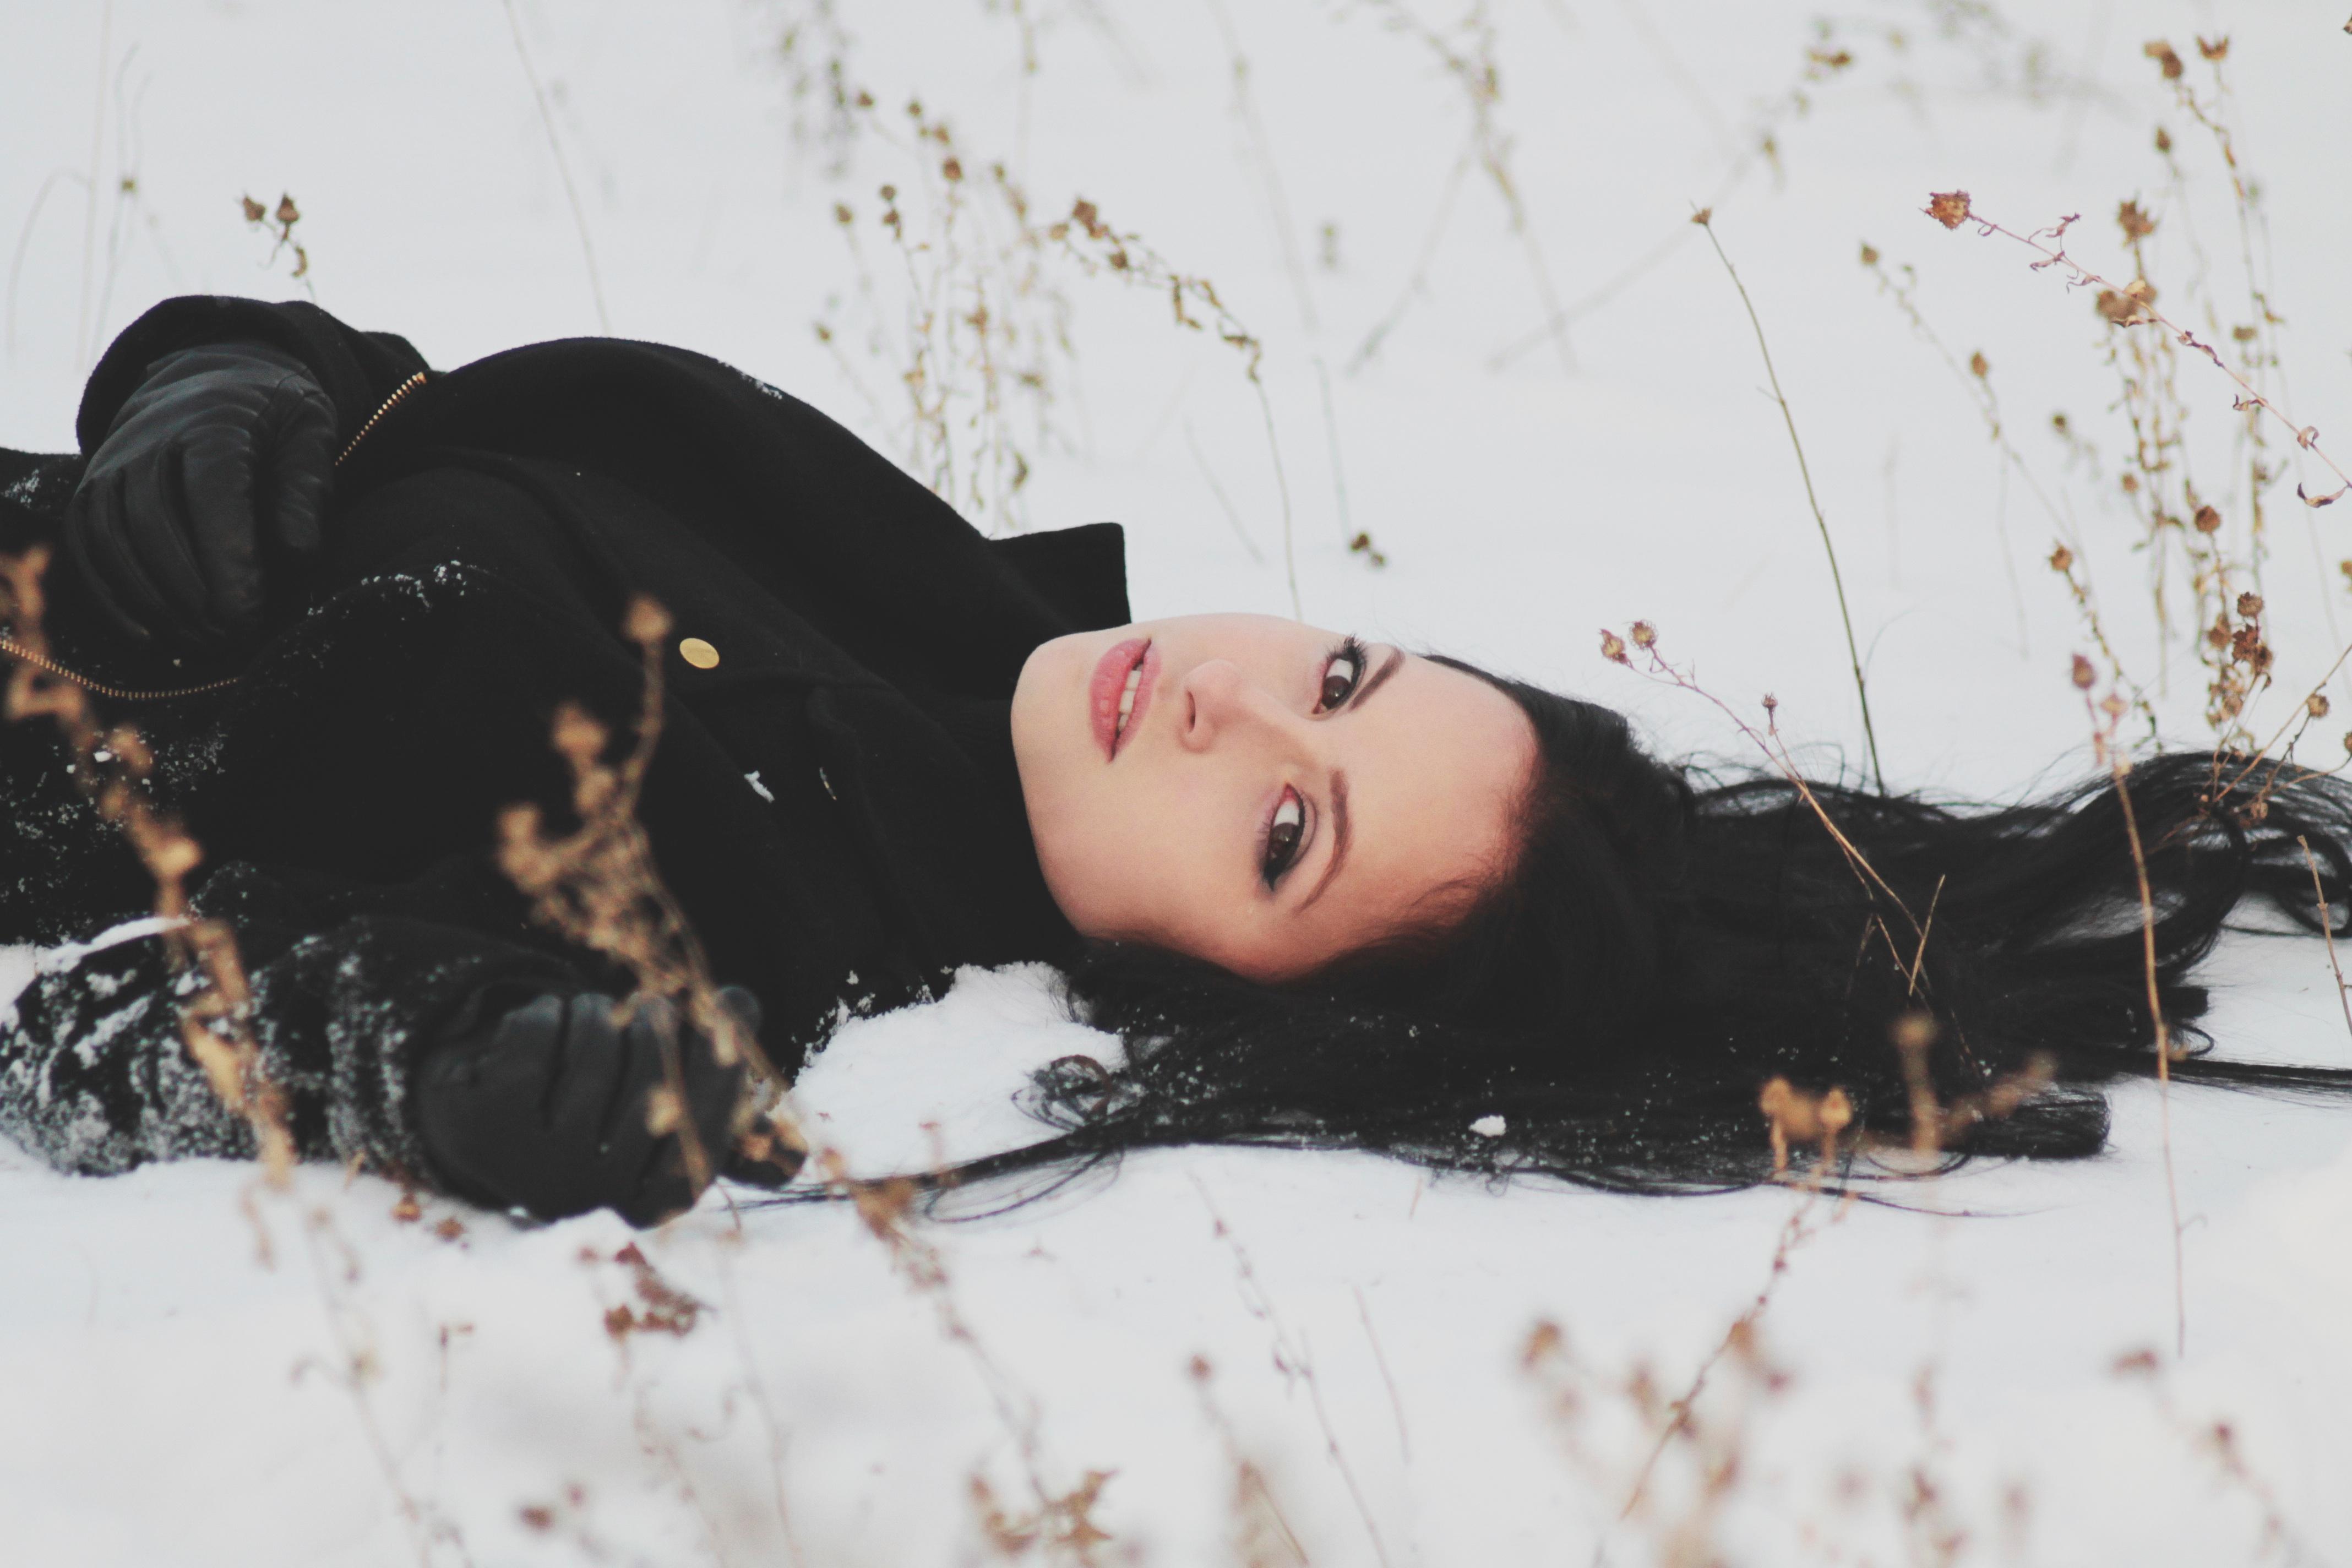 всех позы для фото лежа в снегу кавалеры